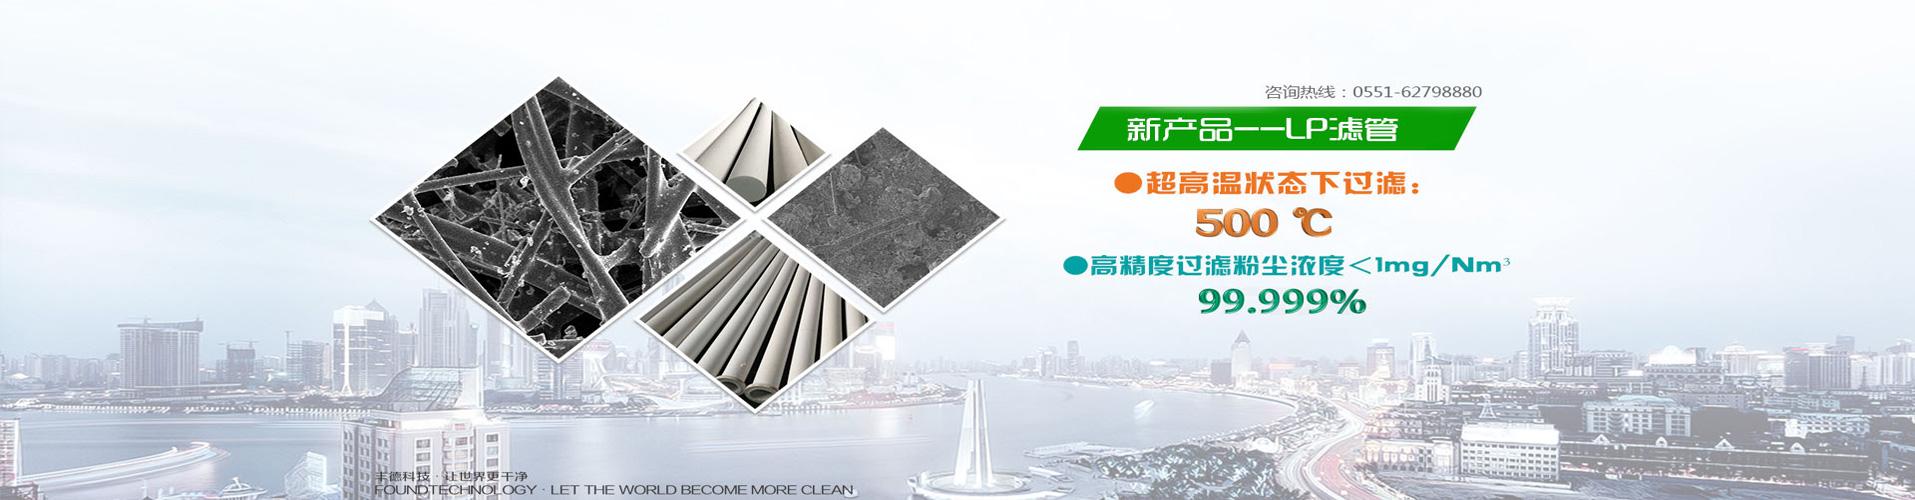 合肥丰德科技股份有限公司-banner2